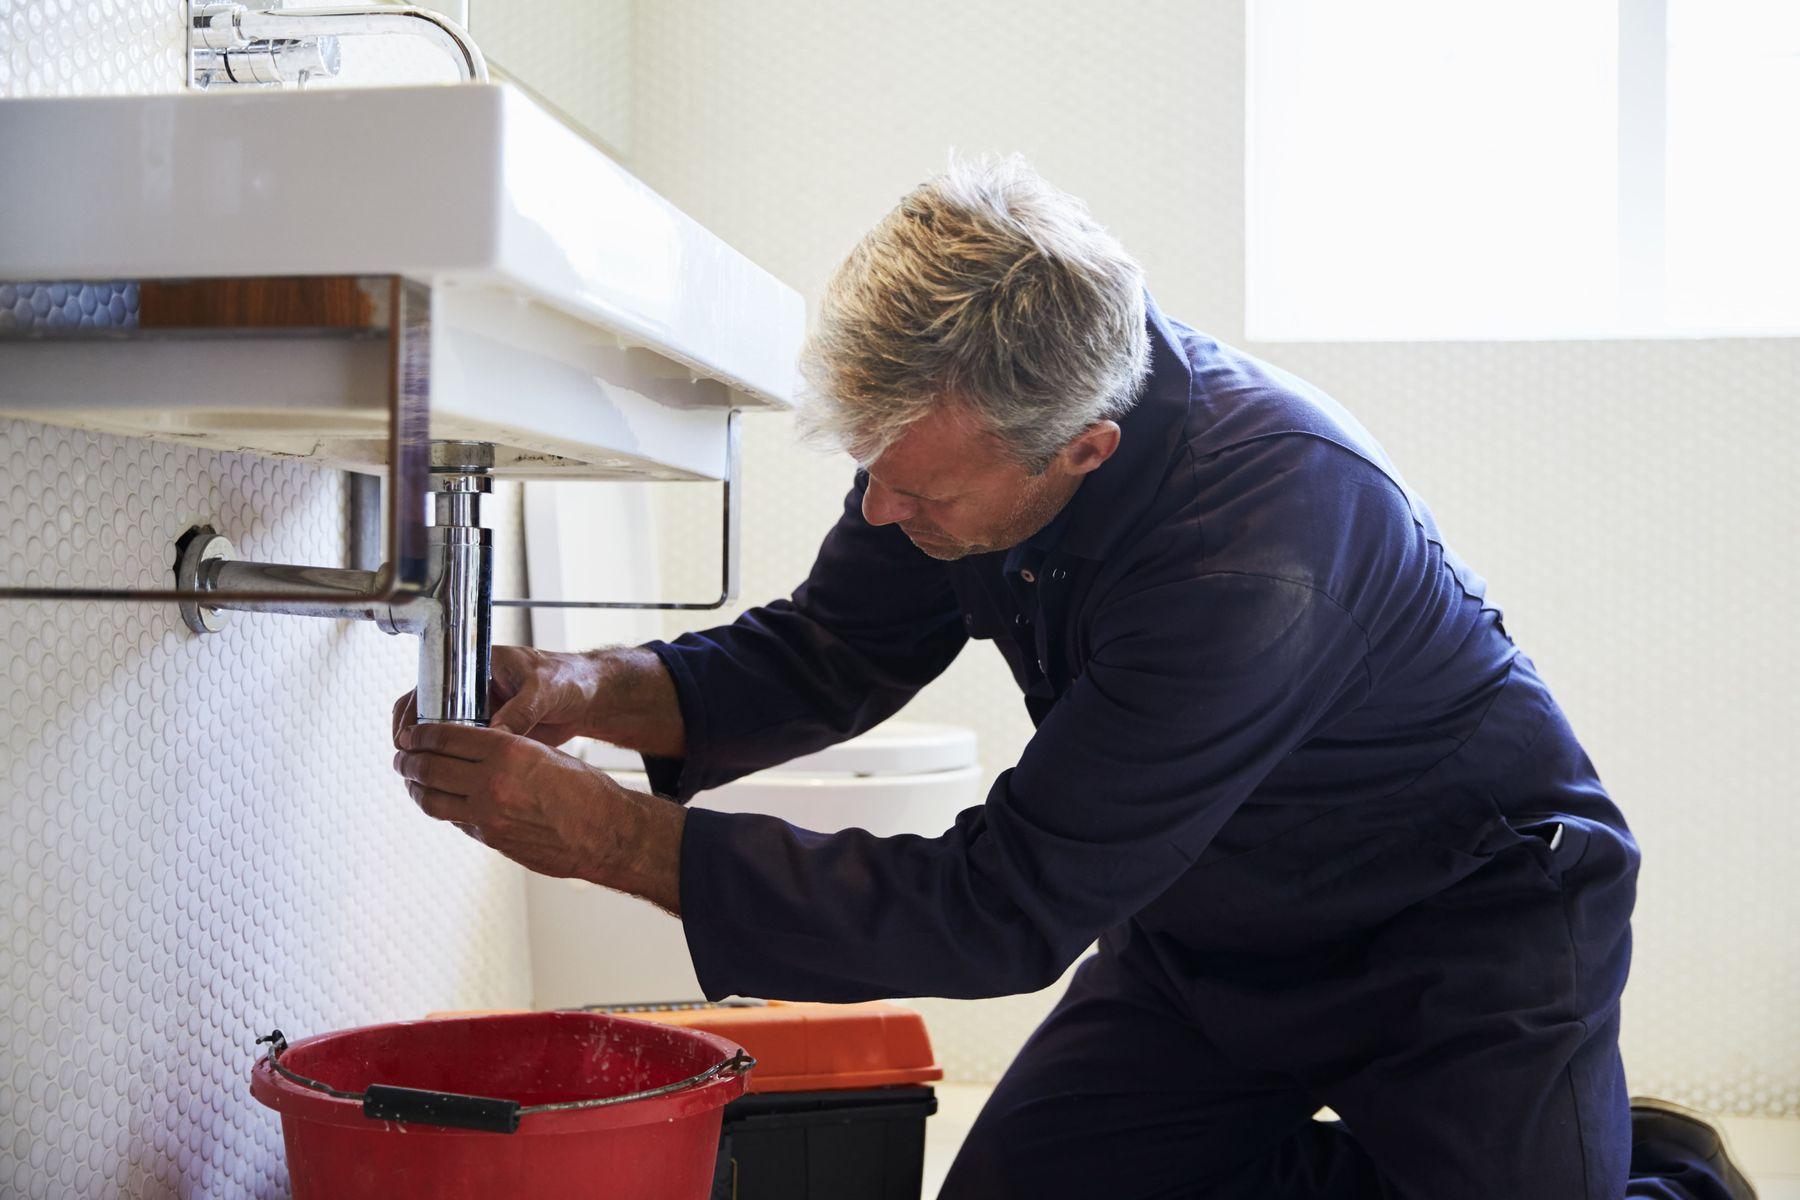 Homem arruma sifao da pia do banheiro